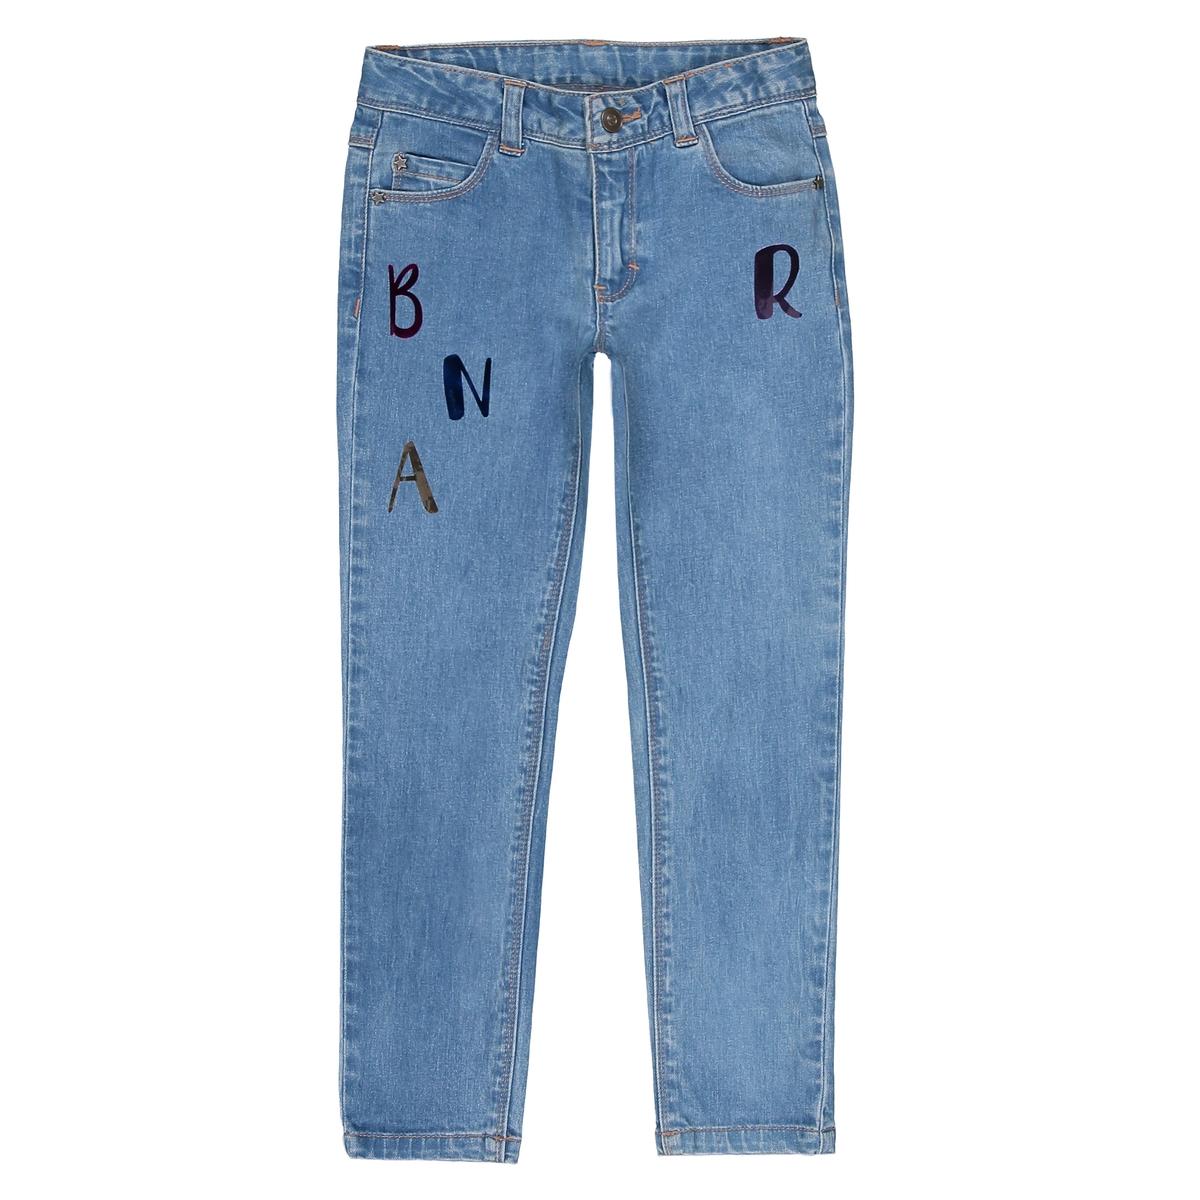 Jeans skinny fantasia lettere brillanti